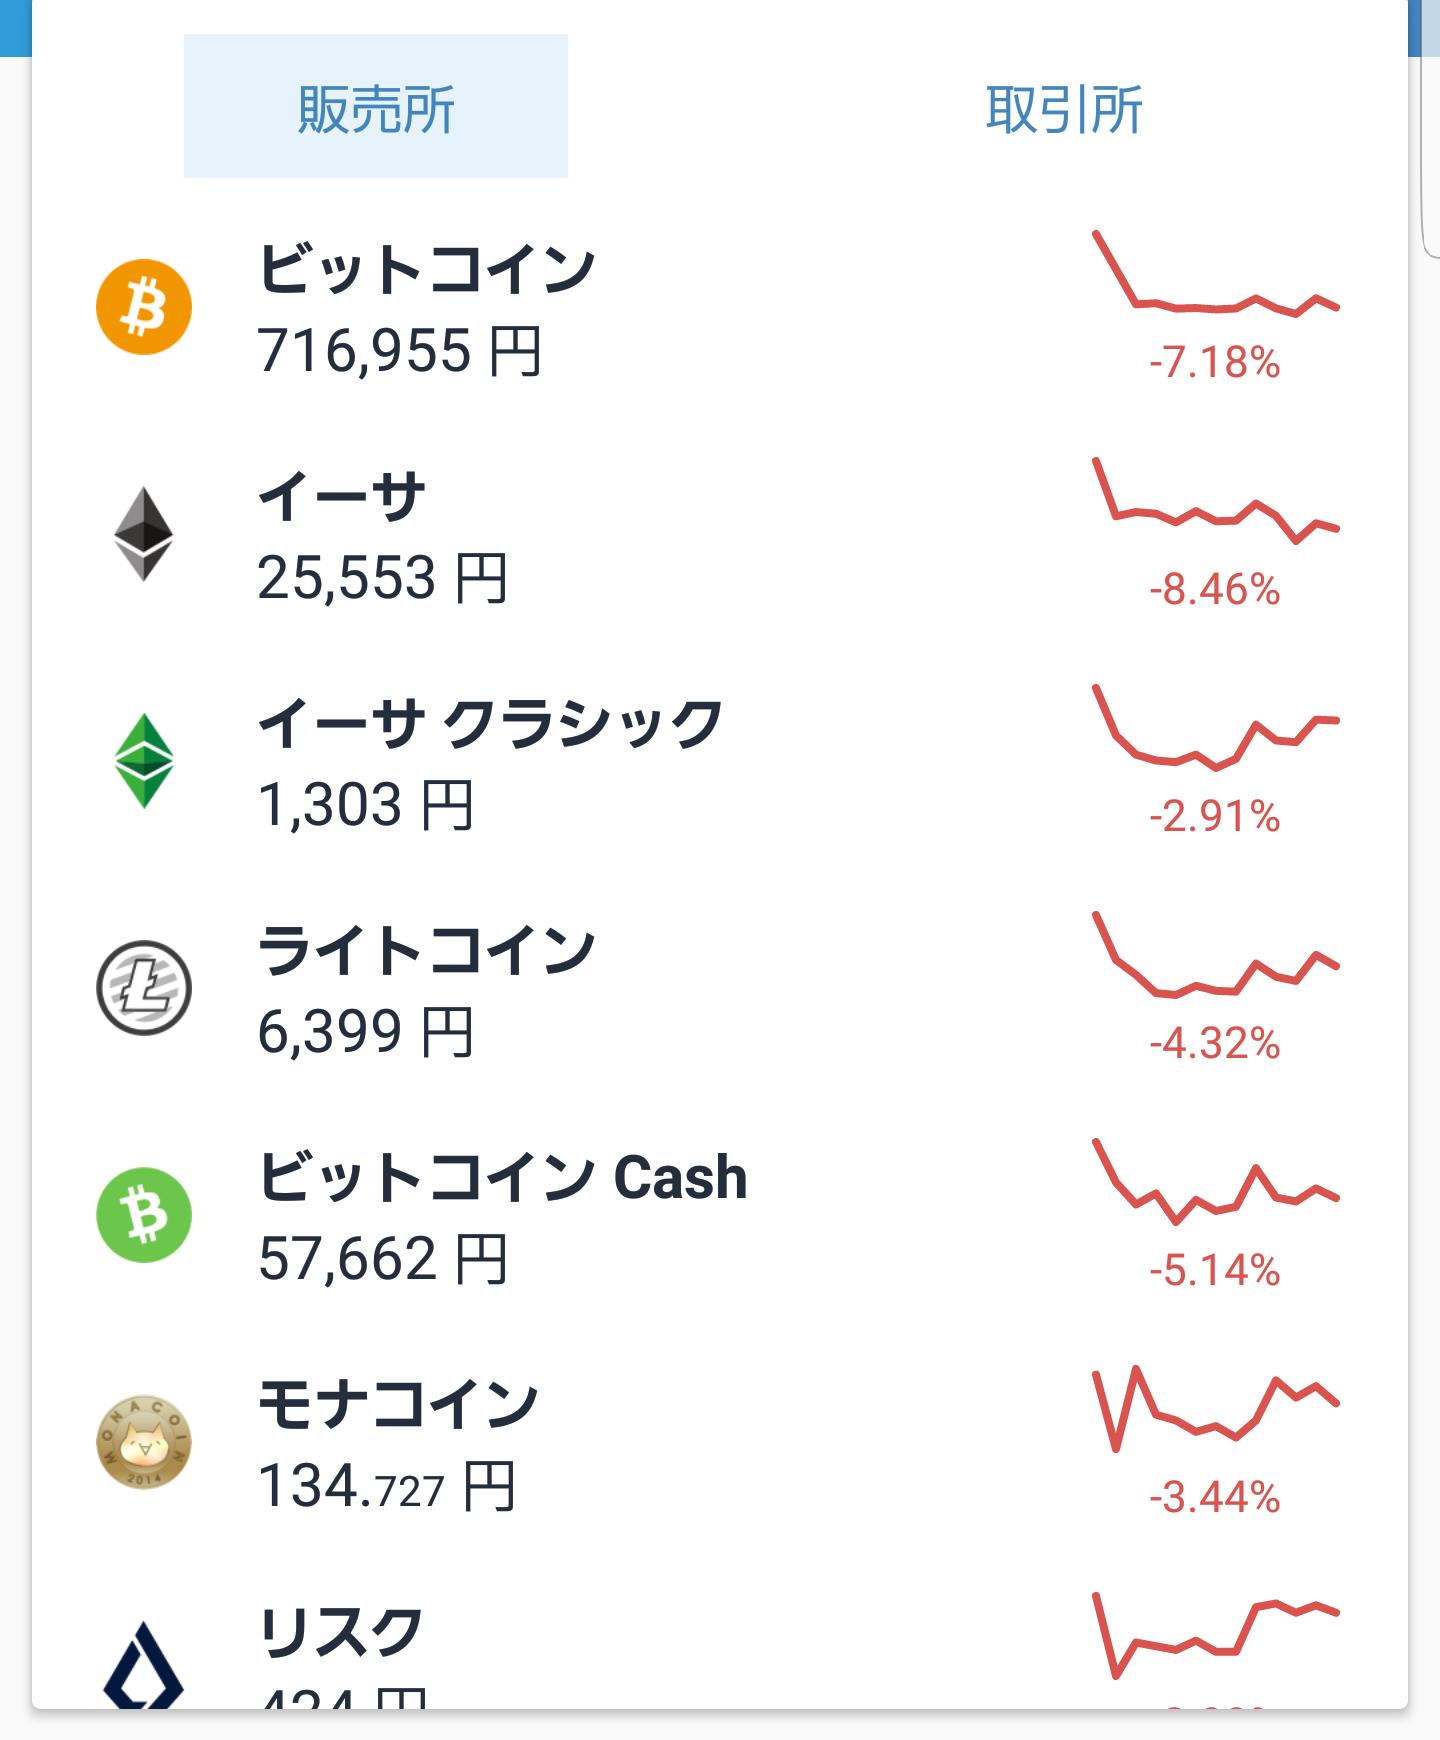 仮想通貨9月7日下落チャート